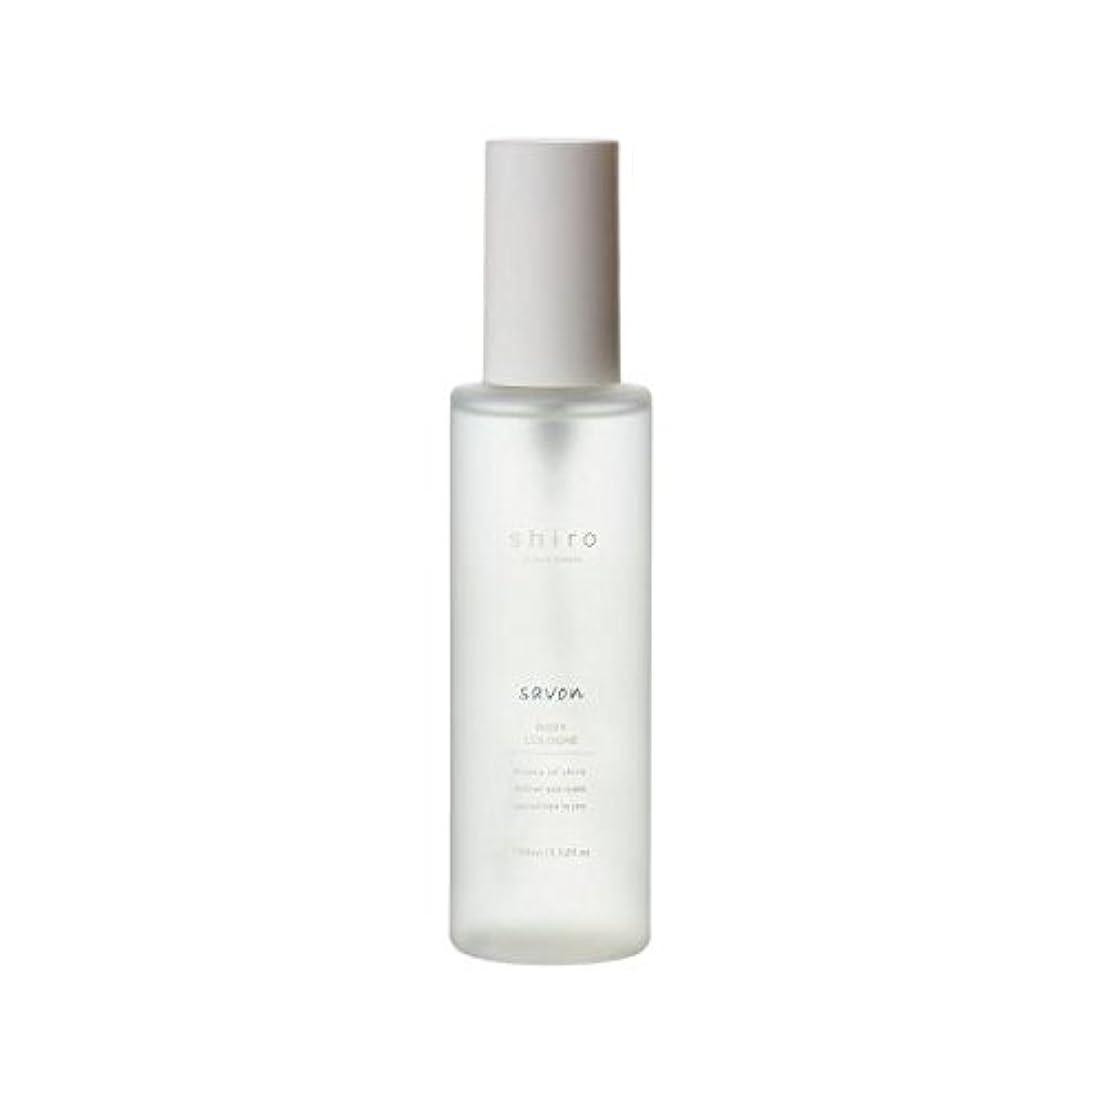 追い越す行き当たりばったり甘くするshiro サボン ボディコロン 100ml 清潔で透明感のある自然な石けんの香り ミスト シロ